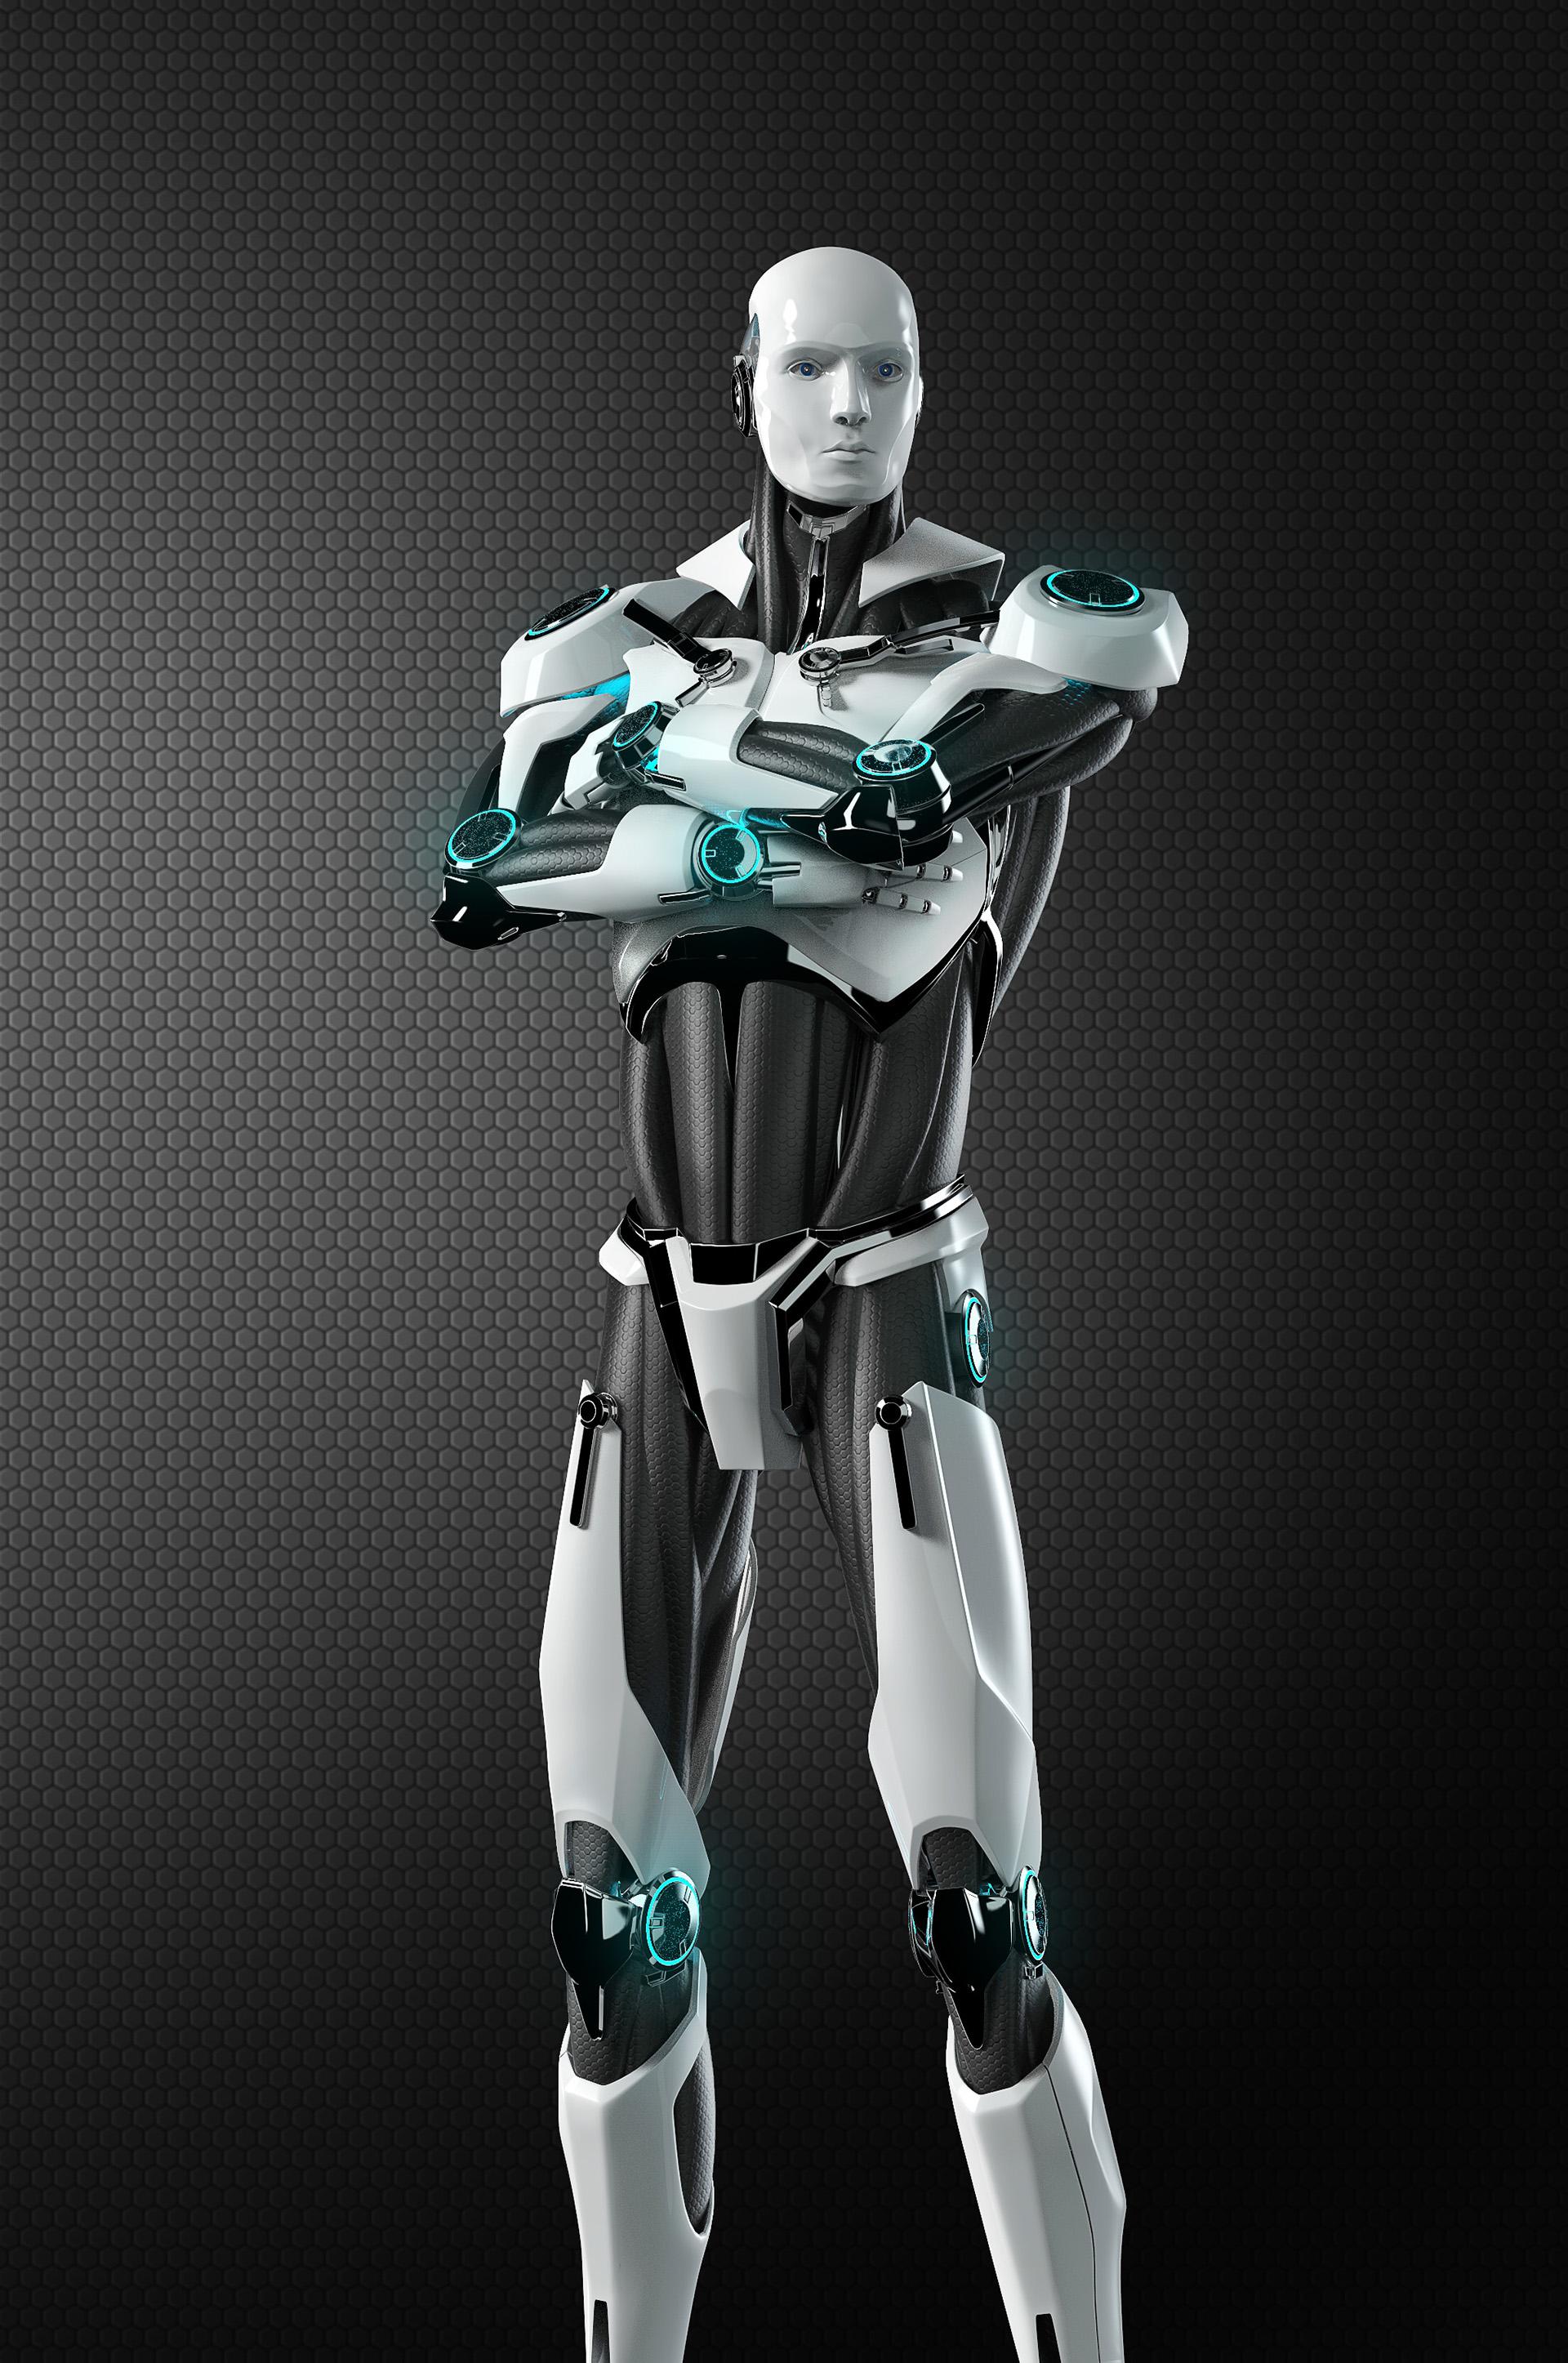 Nod32 Robot